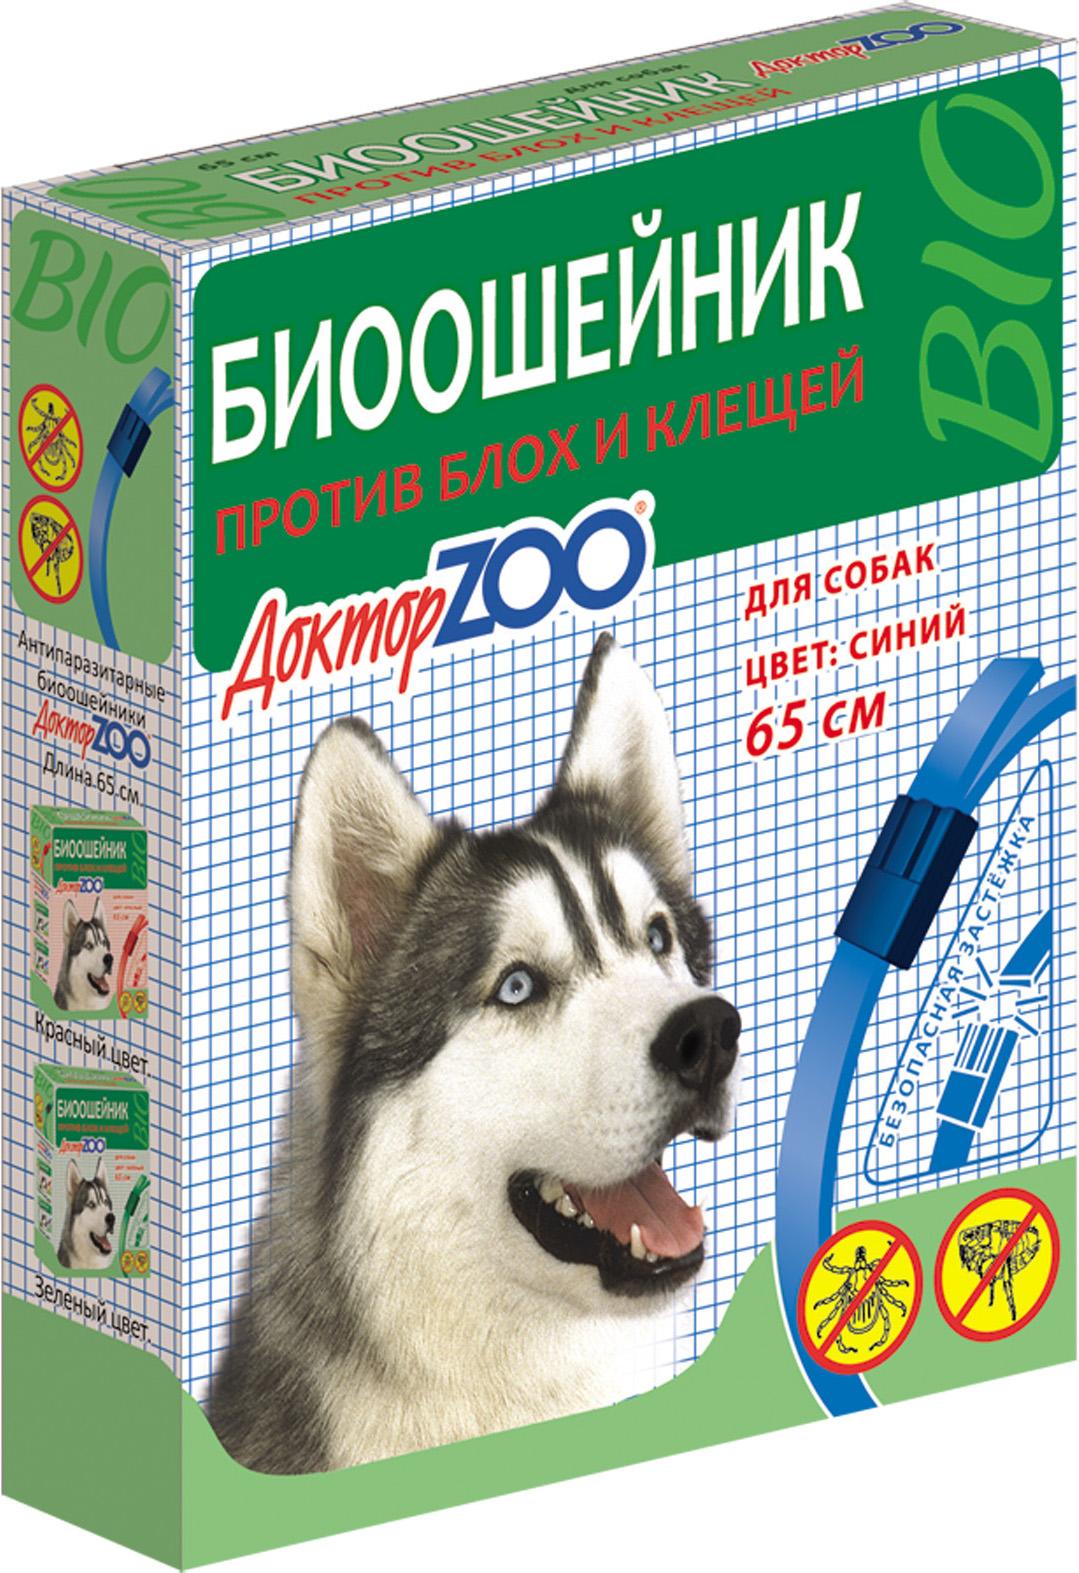 БИОошейник Доктор ZOO для собак, от блох и клещей, синий, 65 см доктор zoo витамины оптом в нижнем новгороде